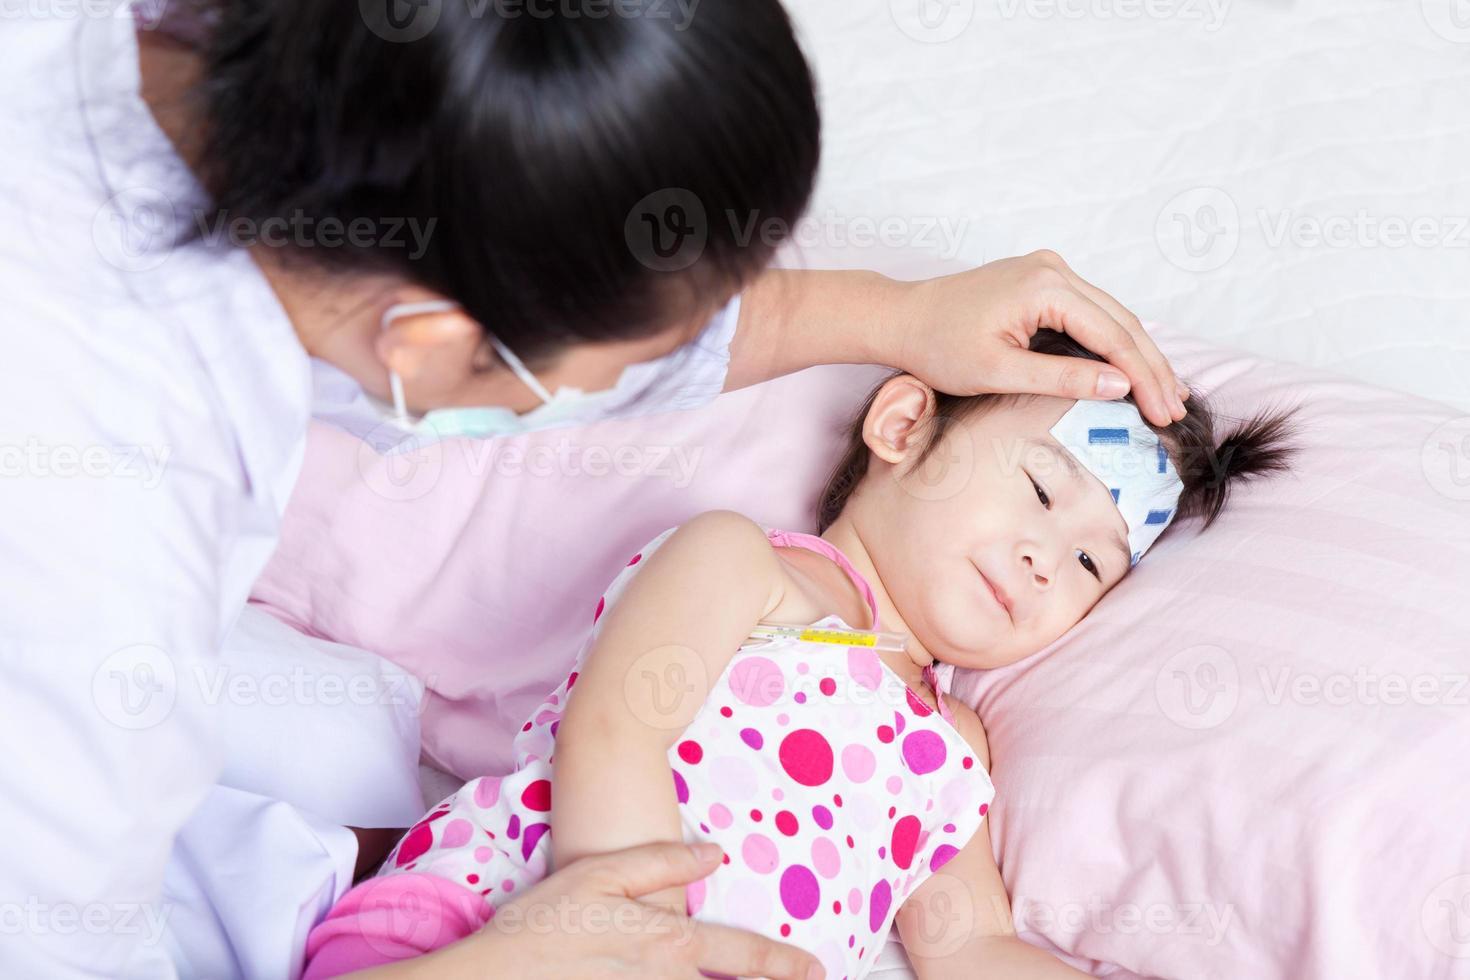 krankes kleines Mädchen, das von einem Kinderarzt gepflegt wird foto